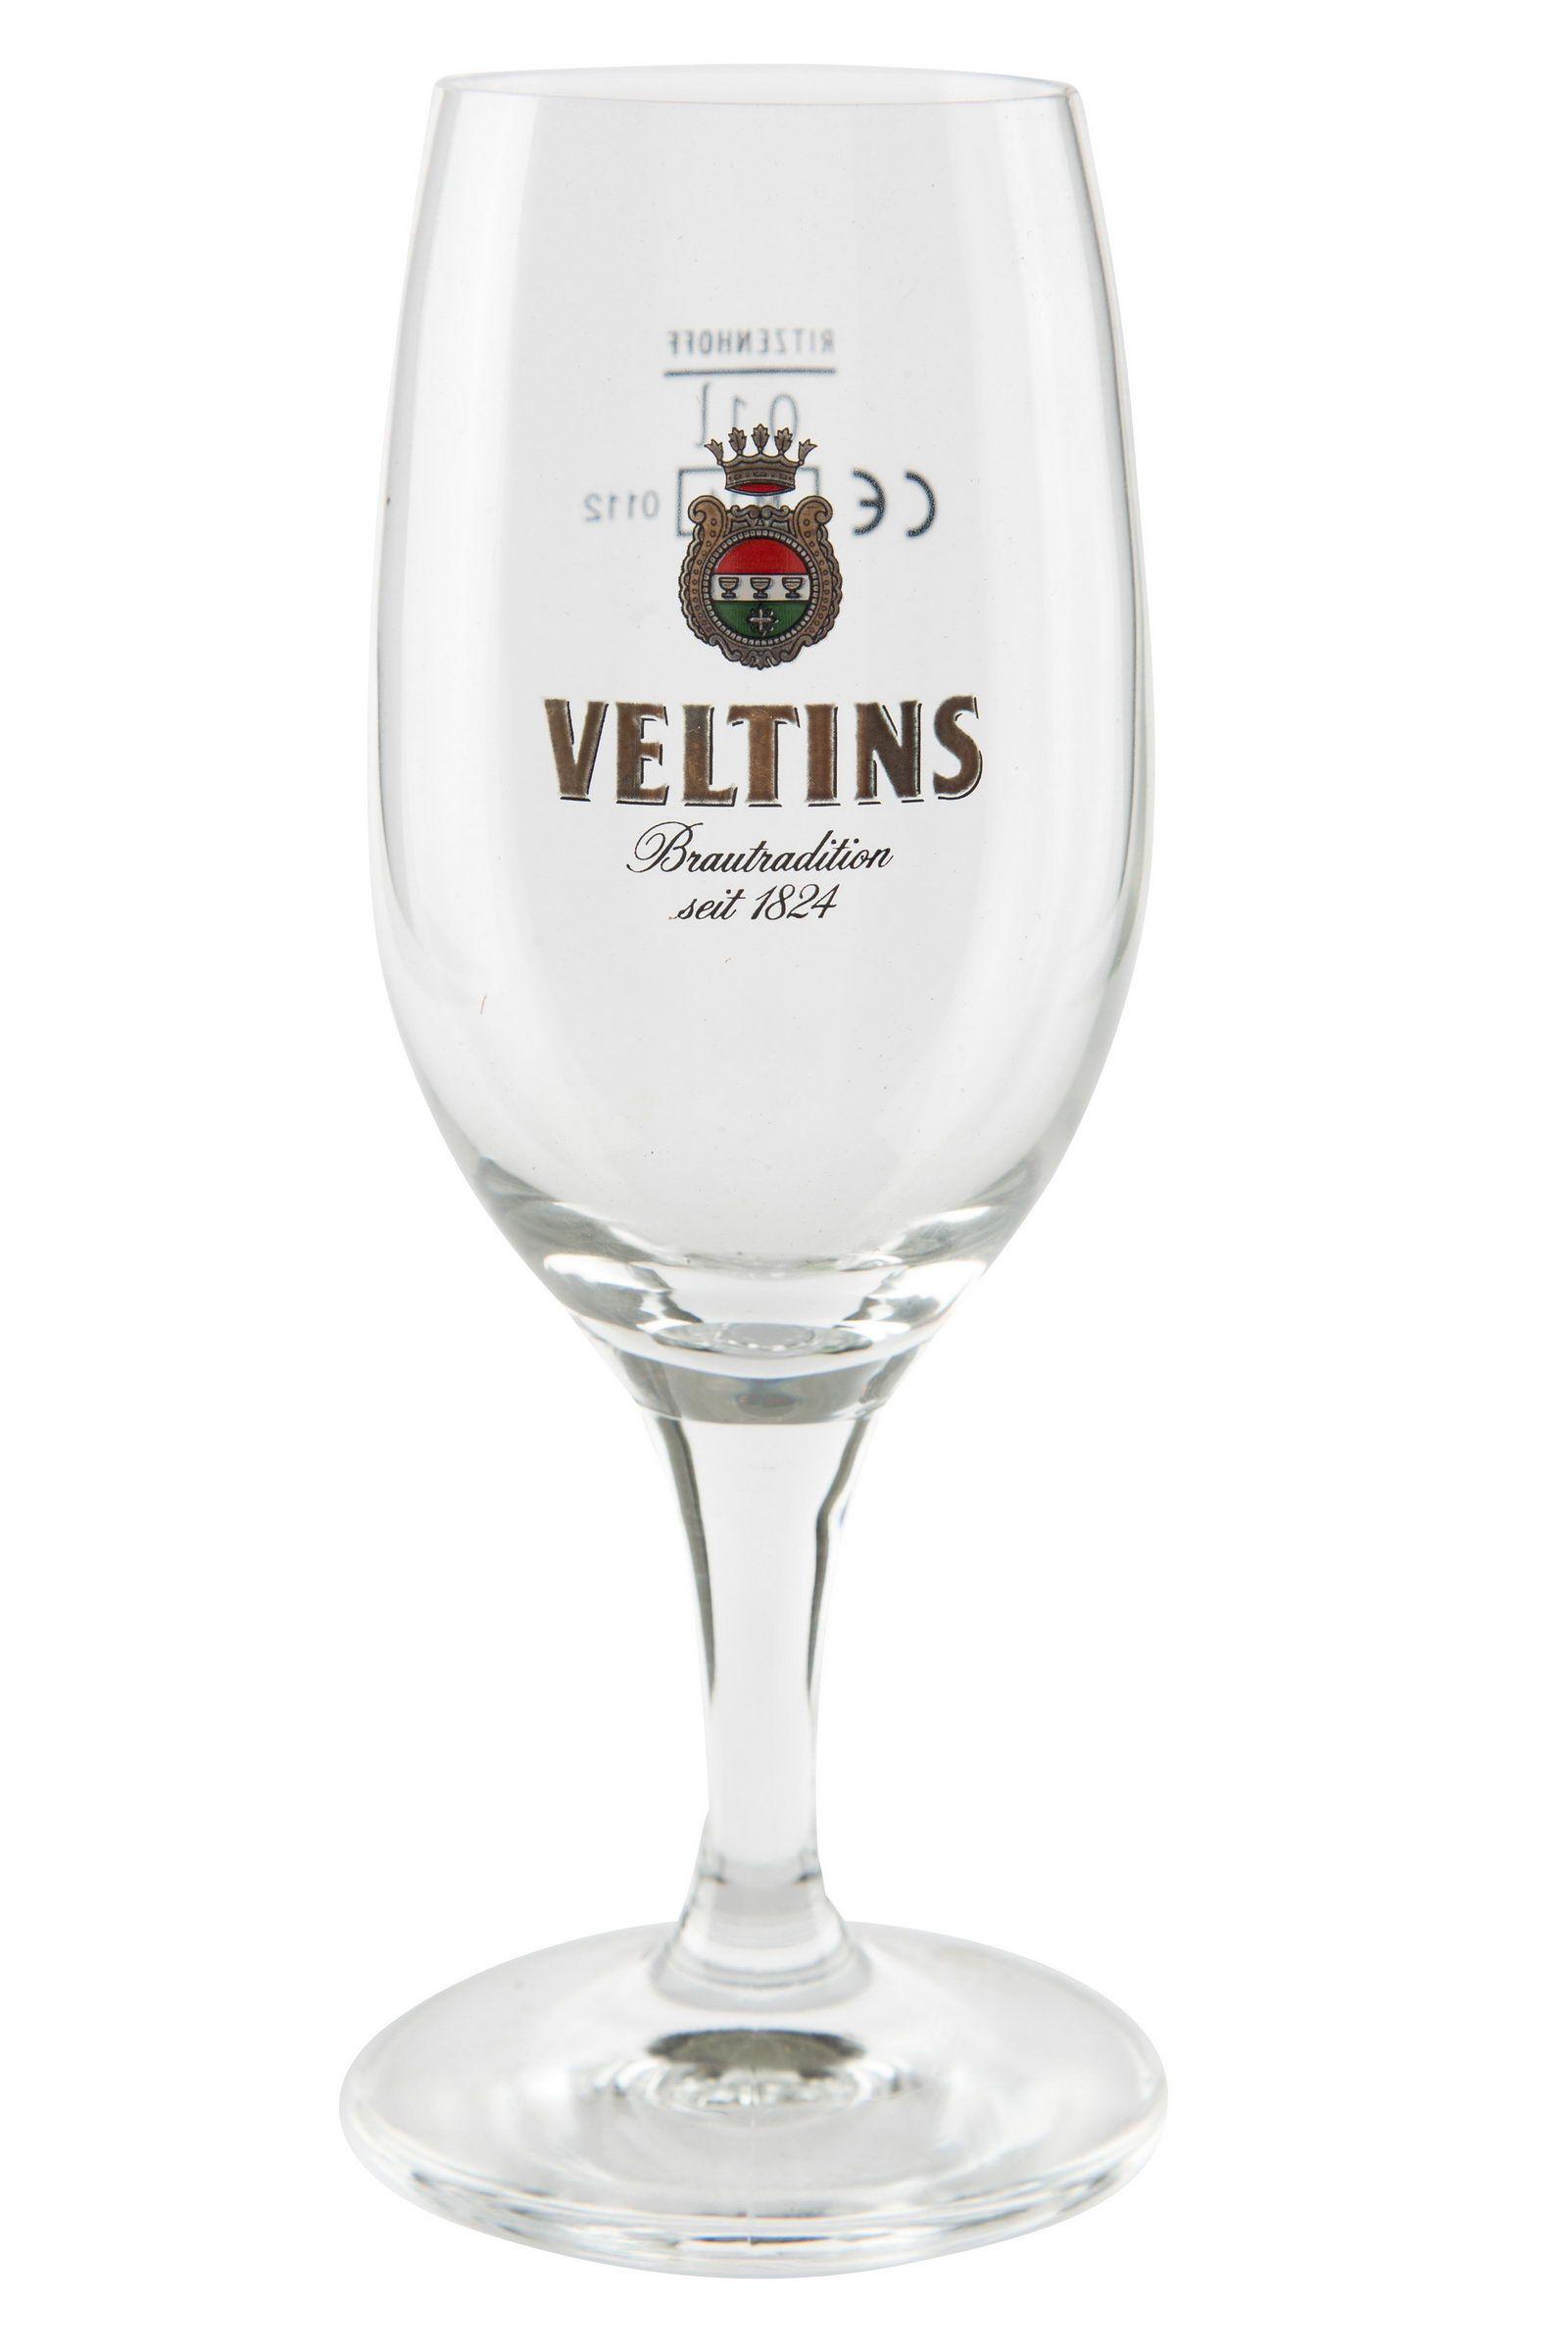 12 Veltins Exclusiv Gläser Pokale 0,2l Gastro Edition